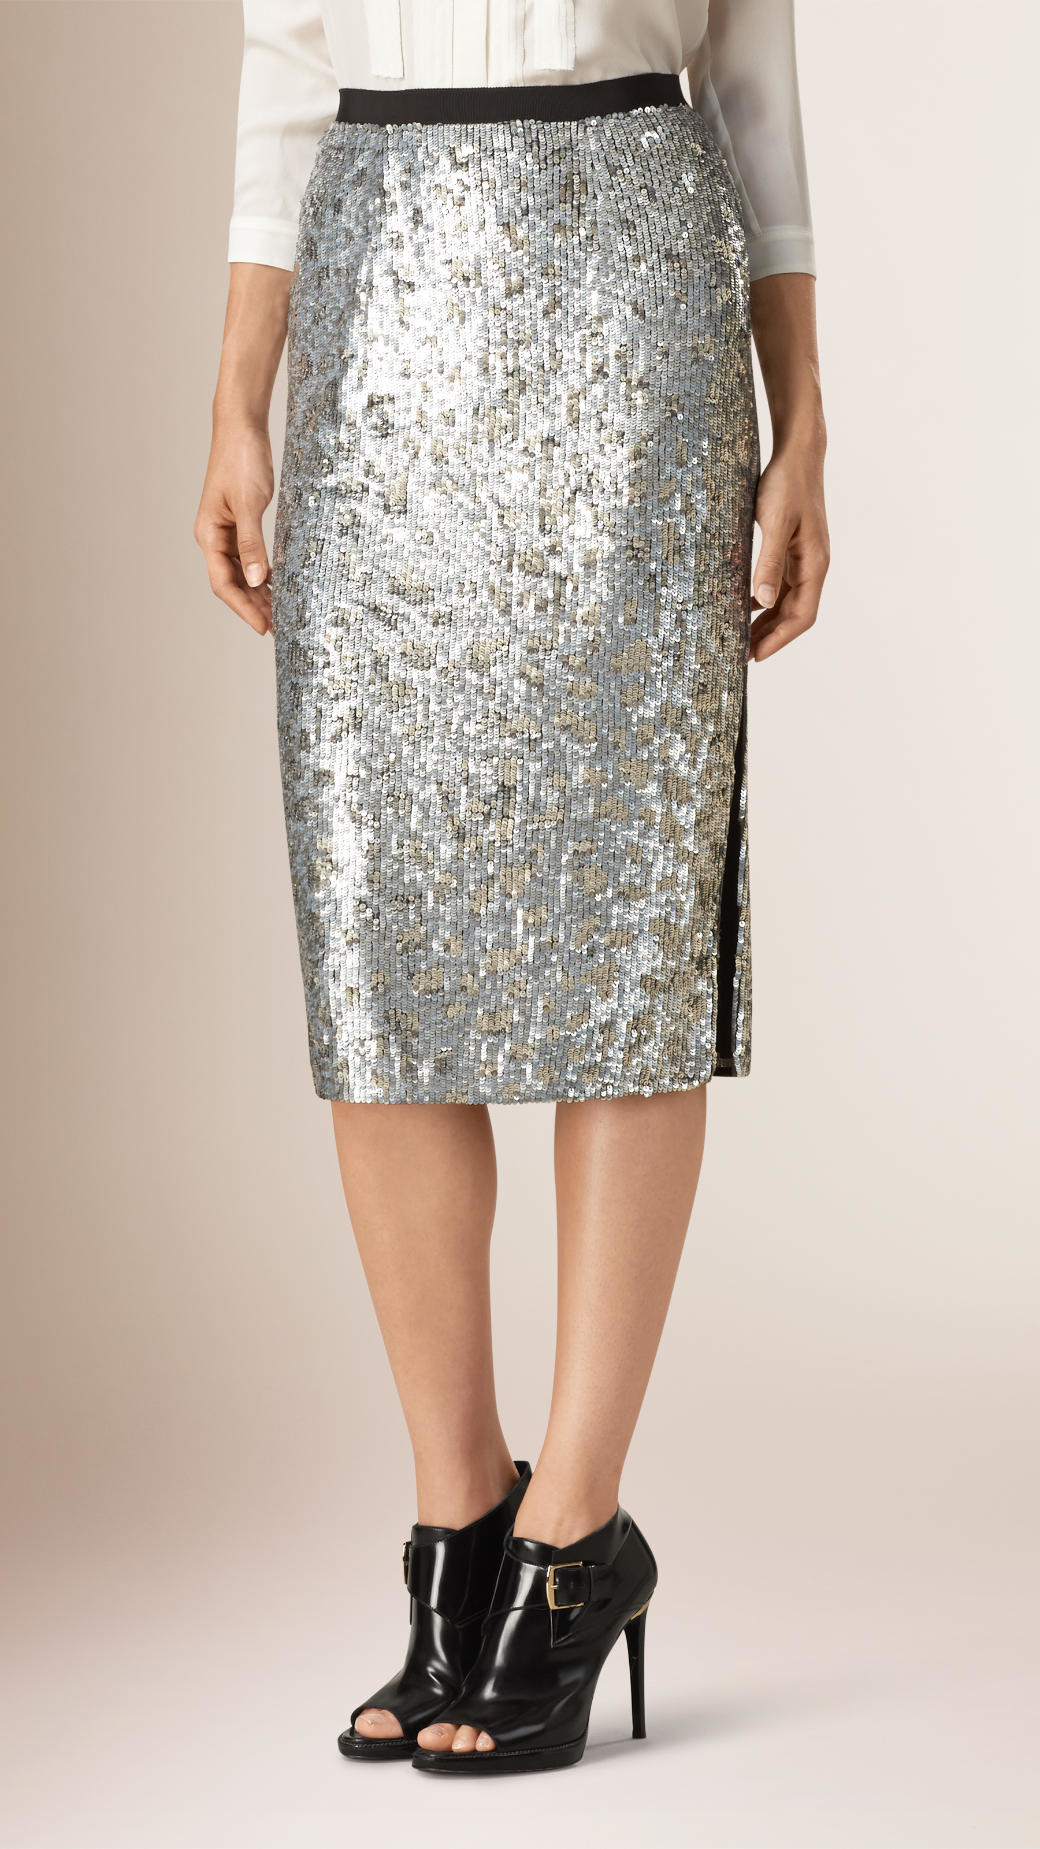 Burberry Sequin Pencil Skirt in Metallic | Lyst